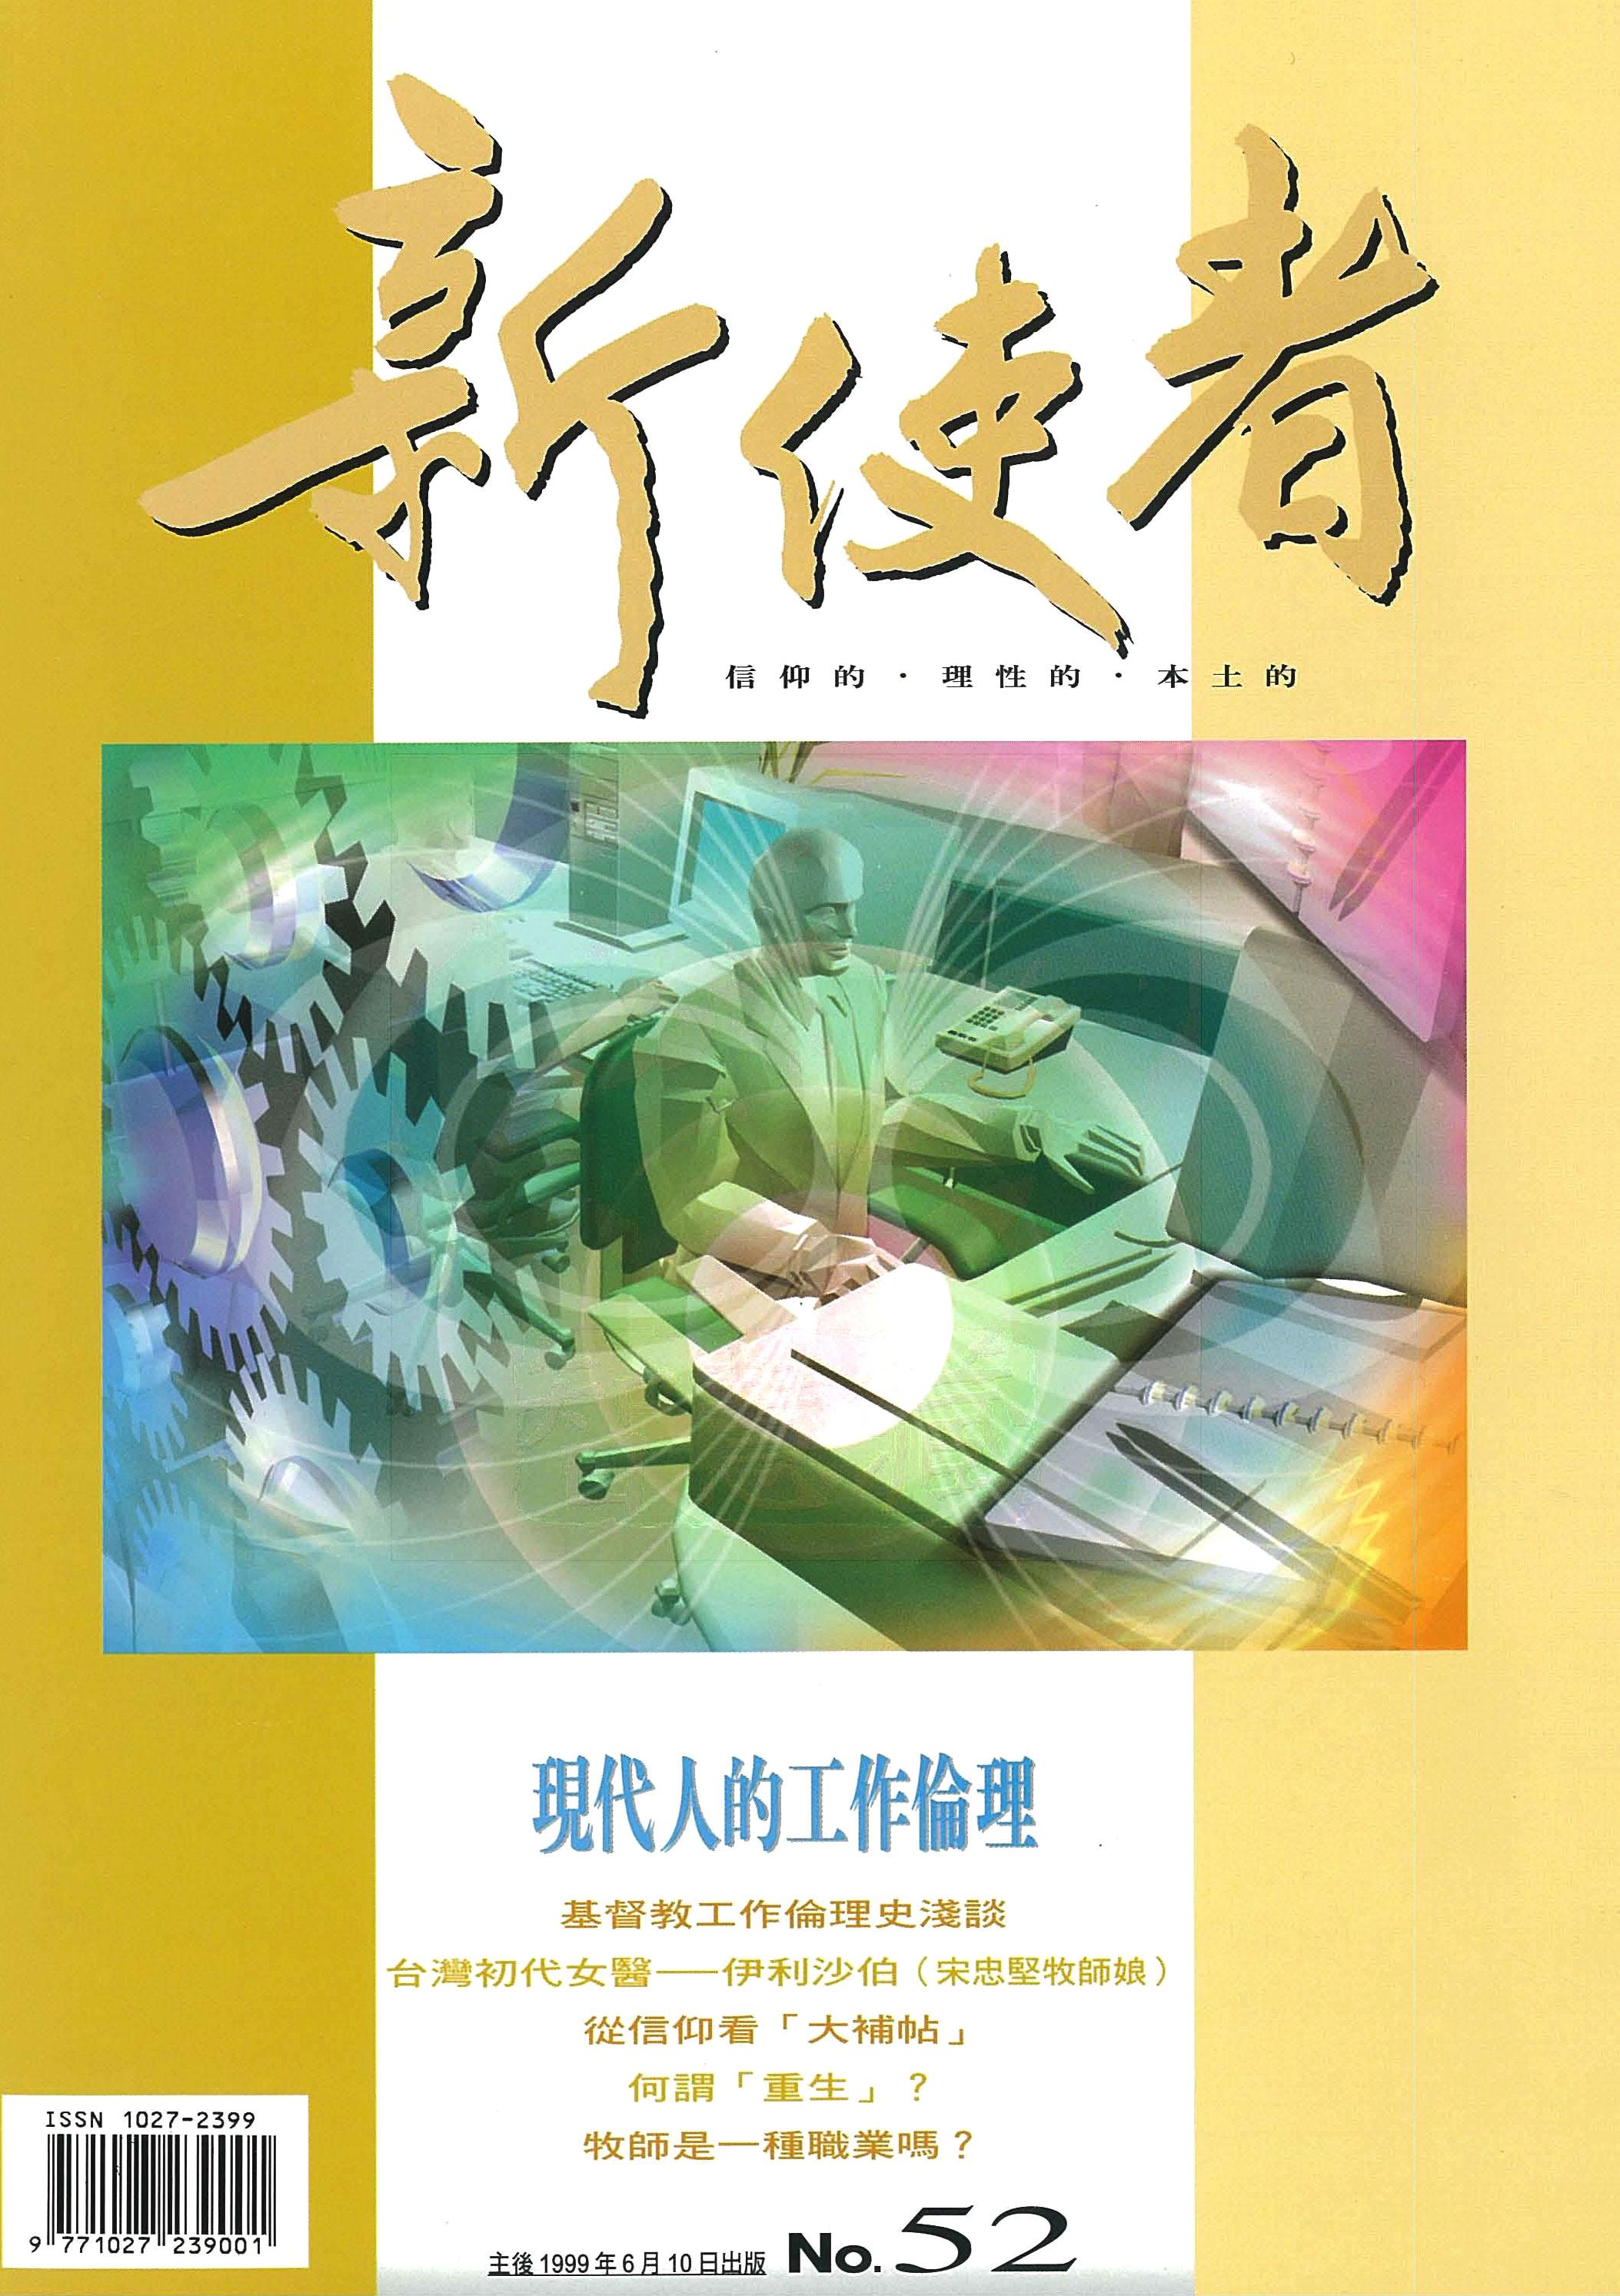 新使者雜誌 The New Messenger  52期  1999年  6月 現代的工作倫理